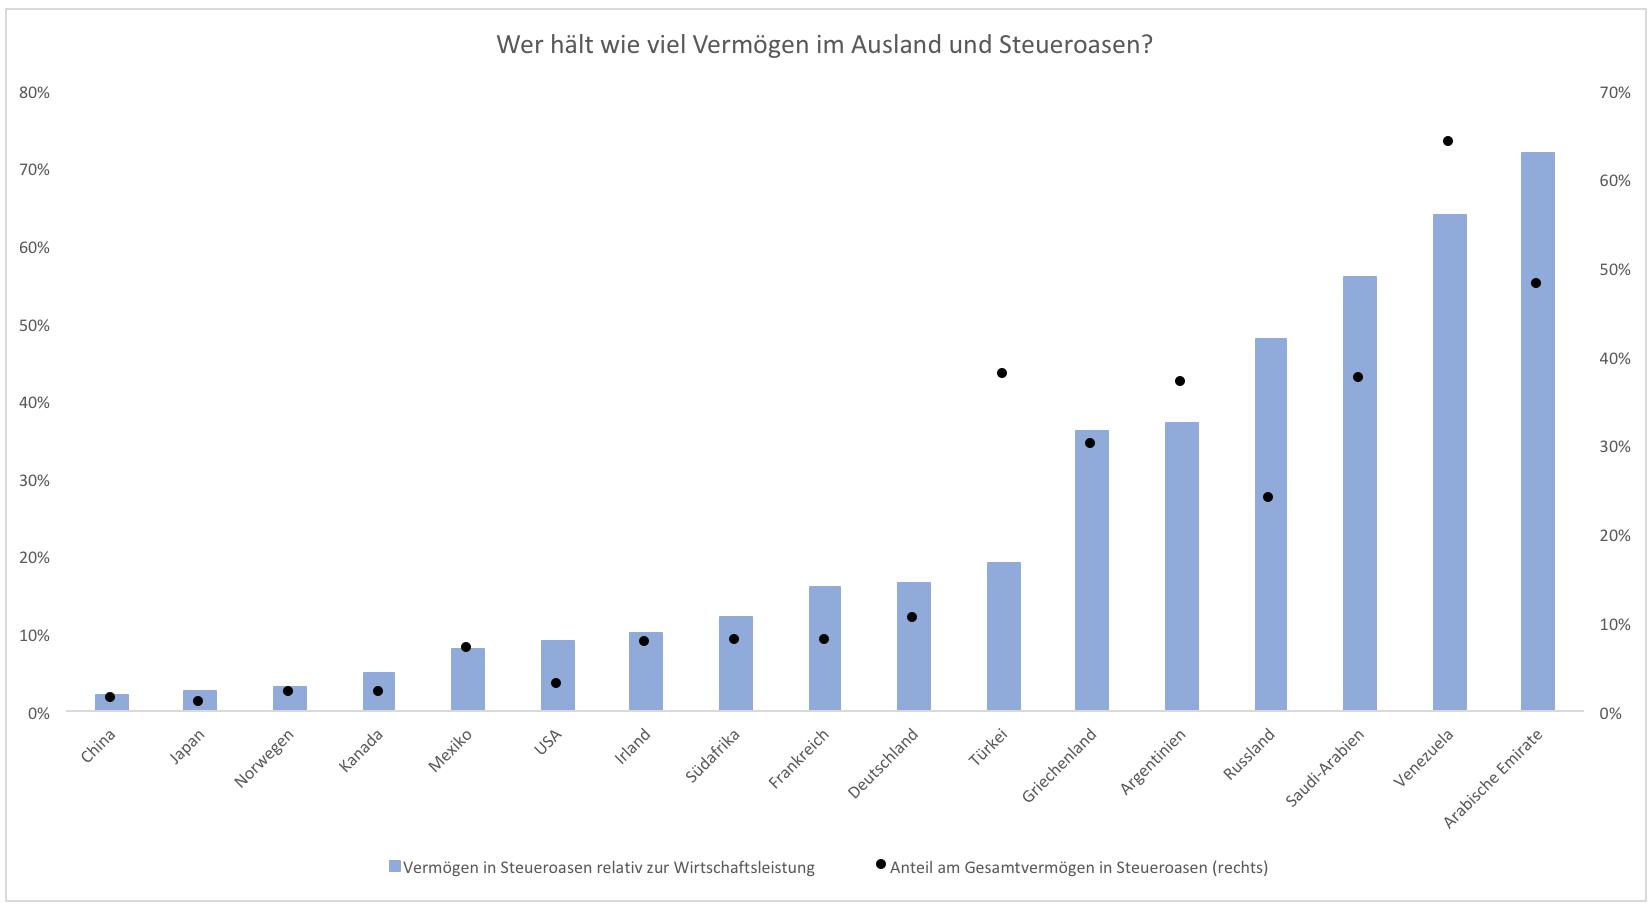 Steueroasen-Weniger-schlimm-als-ihr-Ruf-Kommentar-Clemens-Schmale-GodmodeTrader.de-1